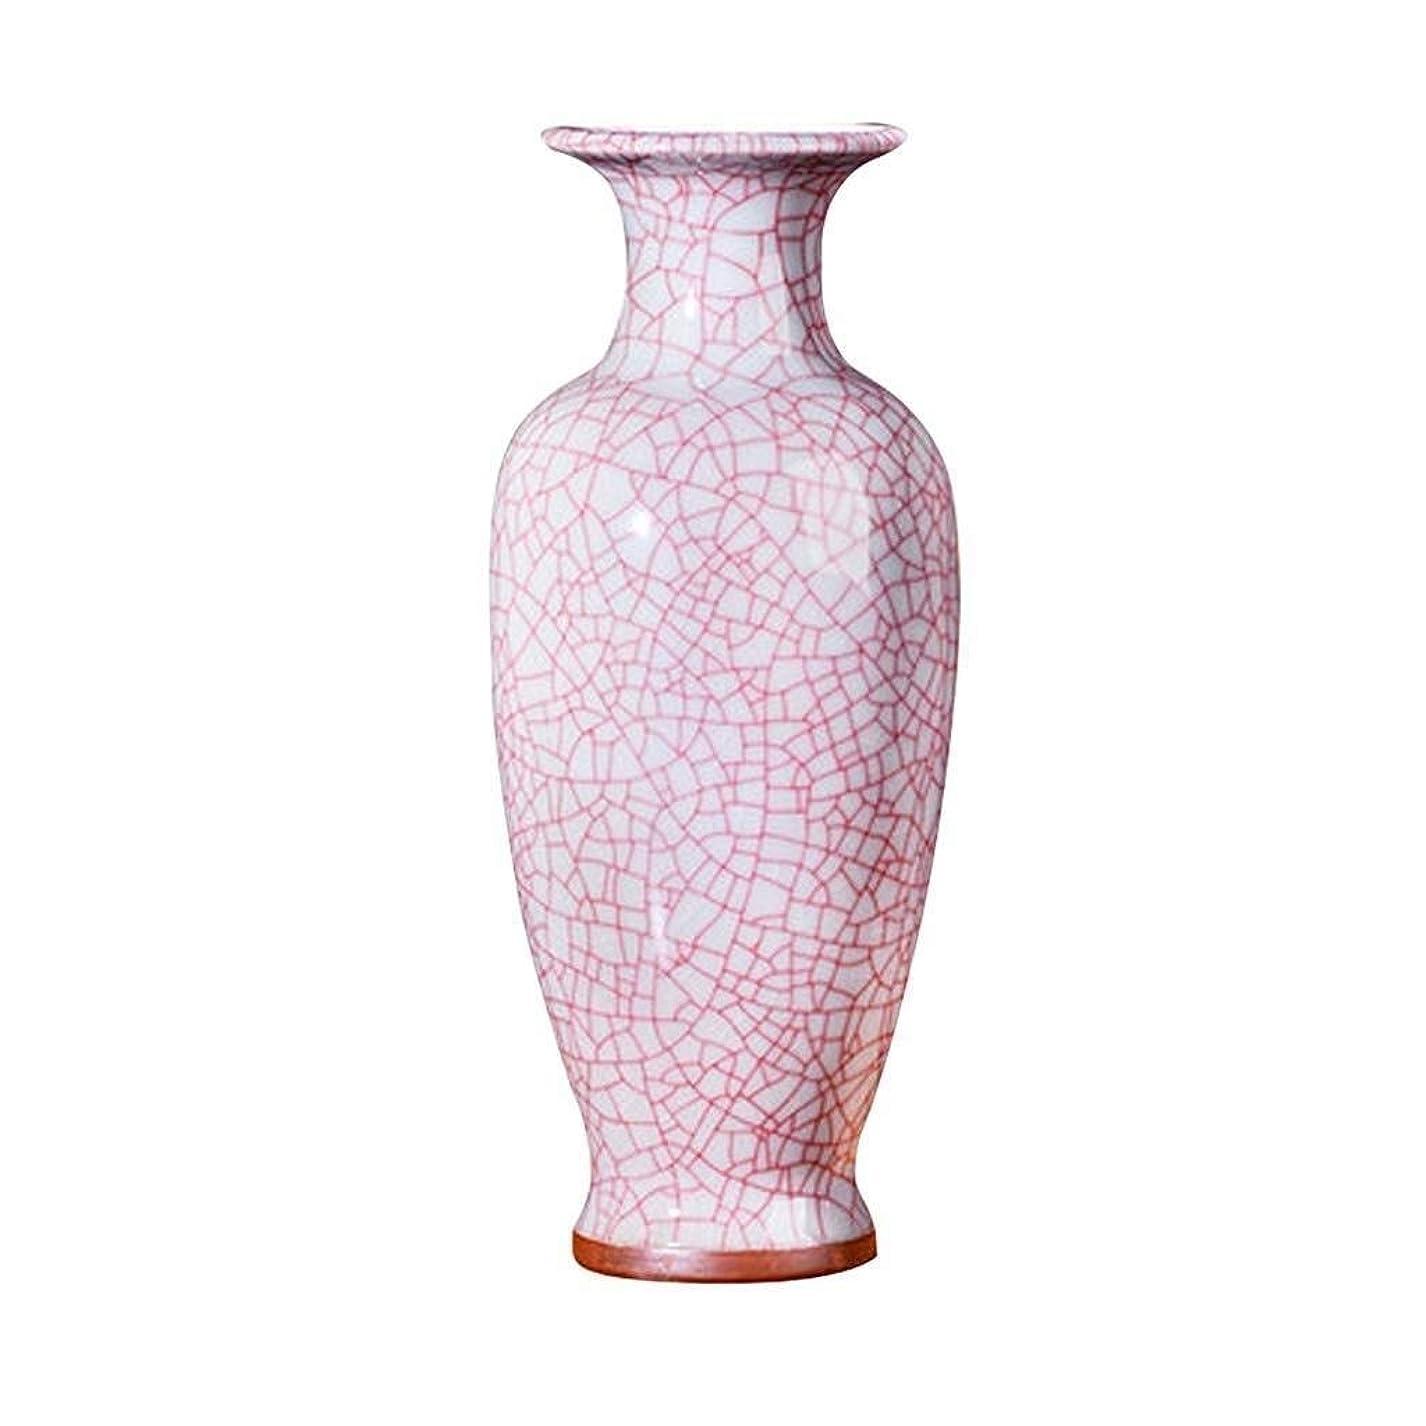 隔離台風文明化花瓶 中国氷が干し人工花のアレンジメント、家庭リビングルームのテレビキャビネットディナー表陶磁器の装飾装飾工芸ギフト、12x34x10cm、ピンクのためのセラミック花瓶を割ます